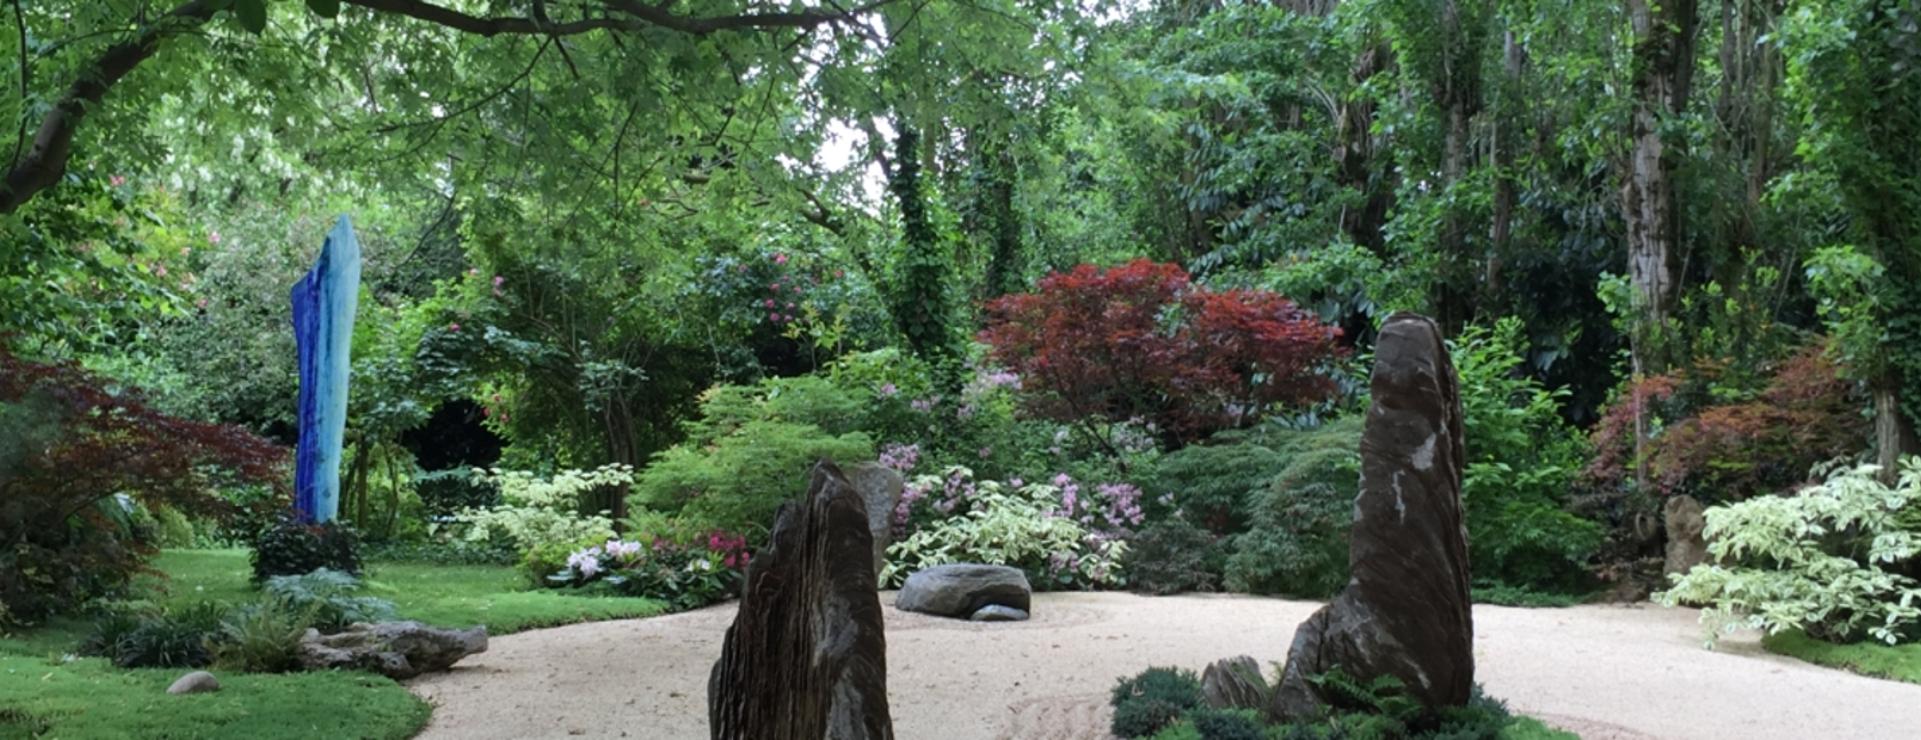 Foto: il giardino di via Felicina a Bologna - Dal sito Diverdeinverde